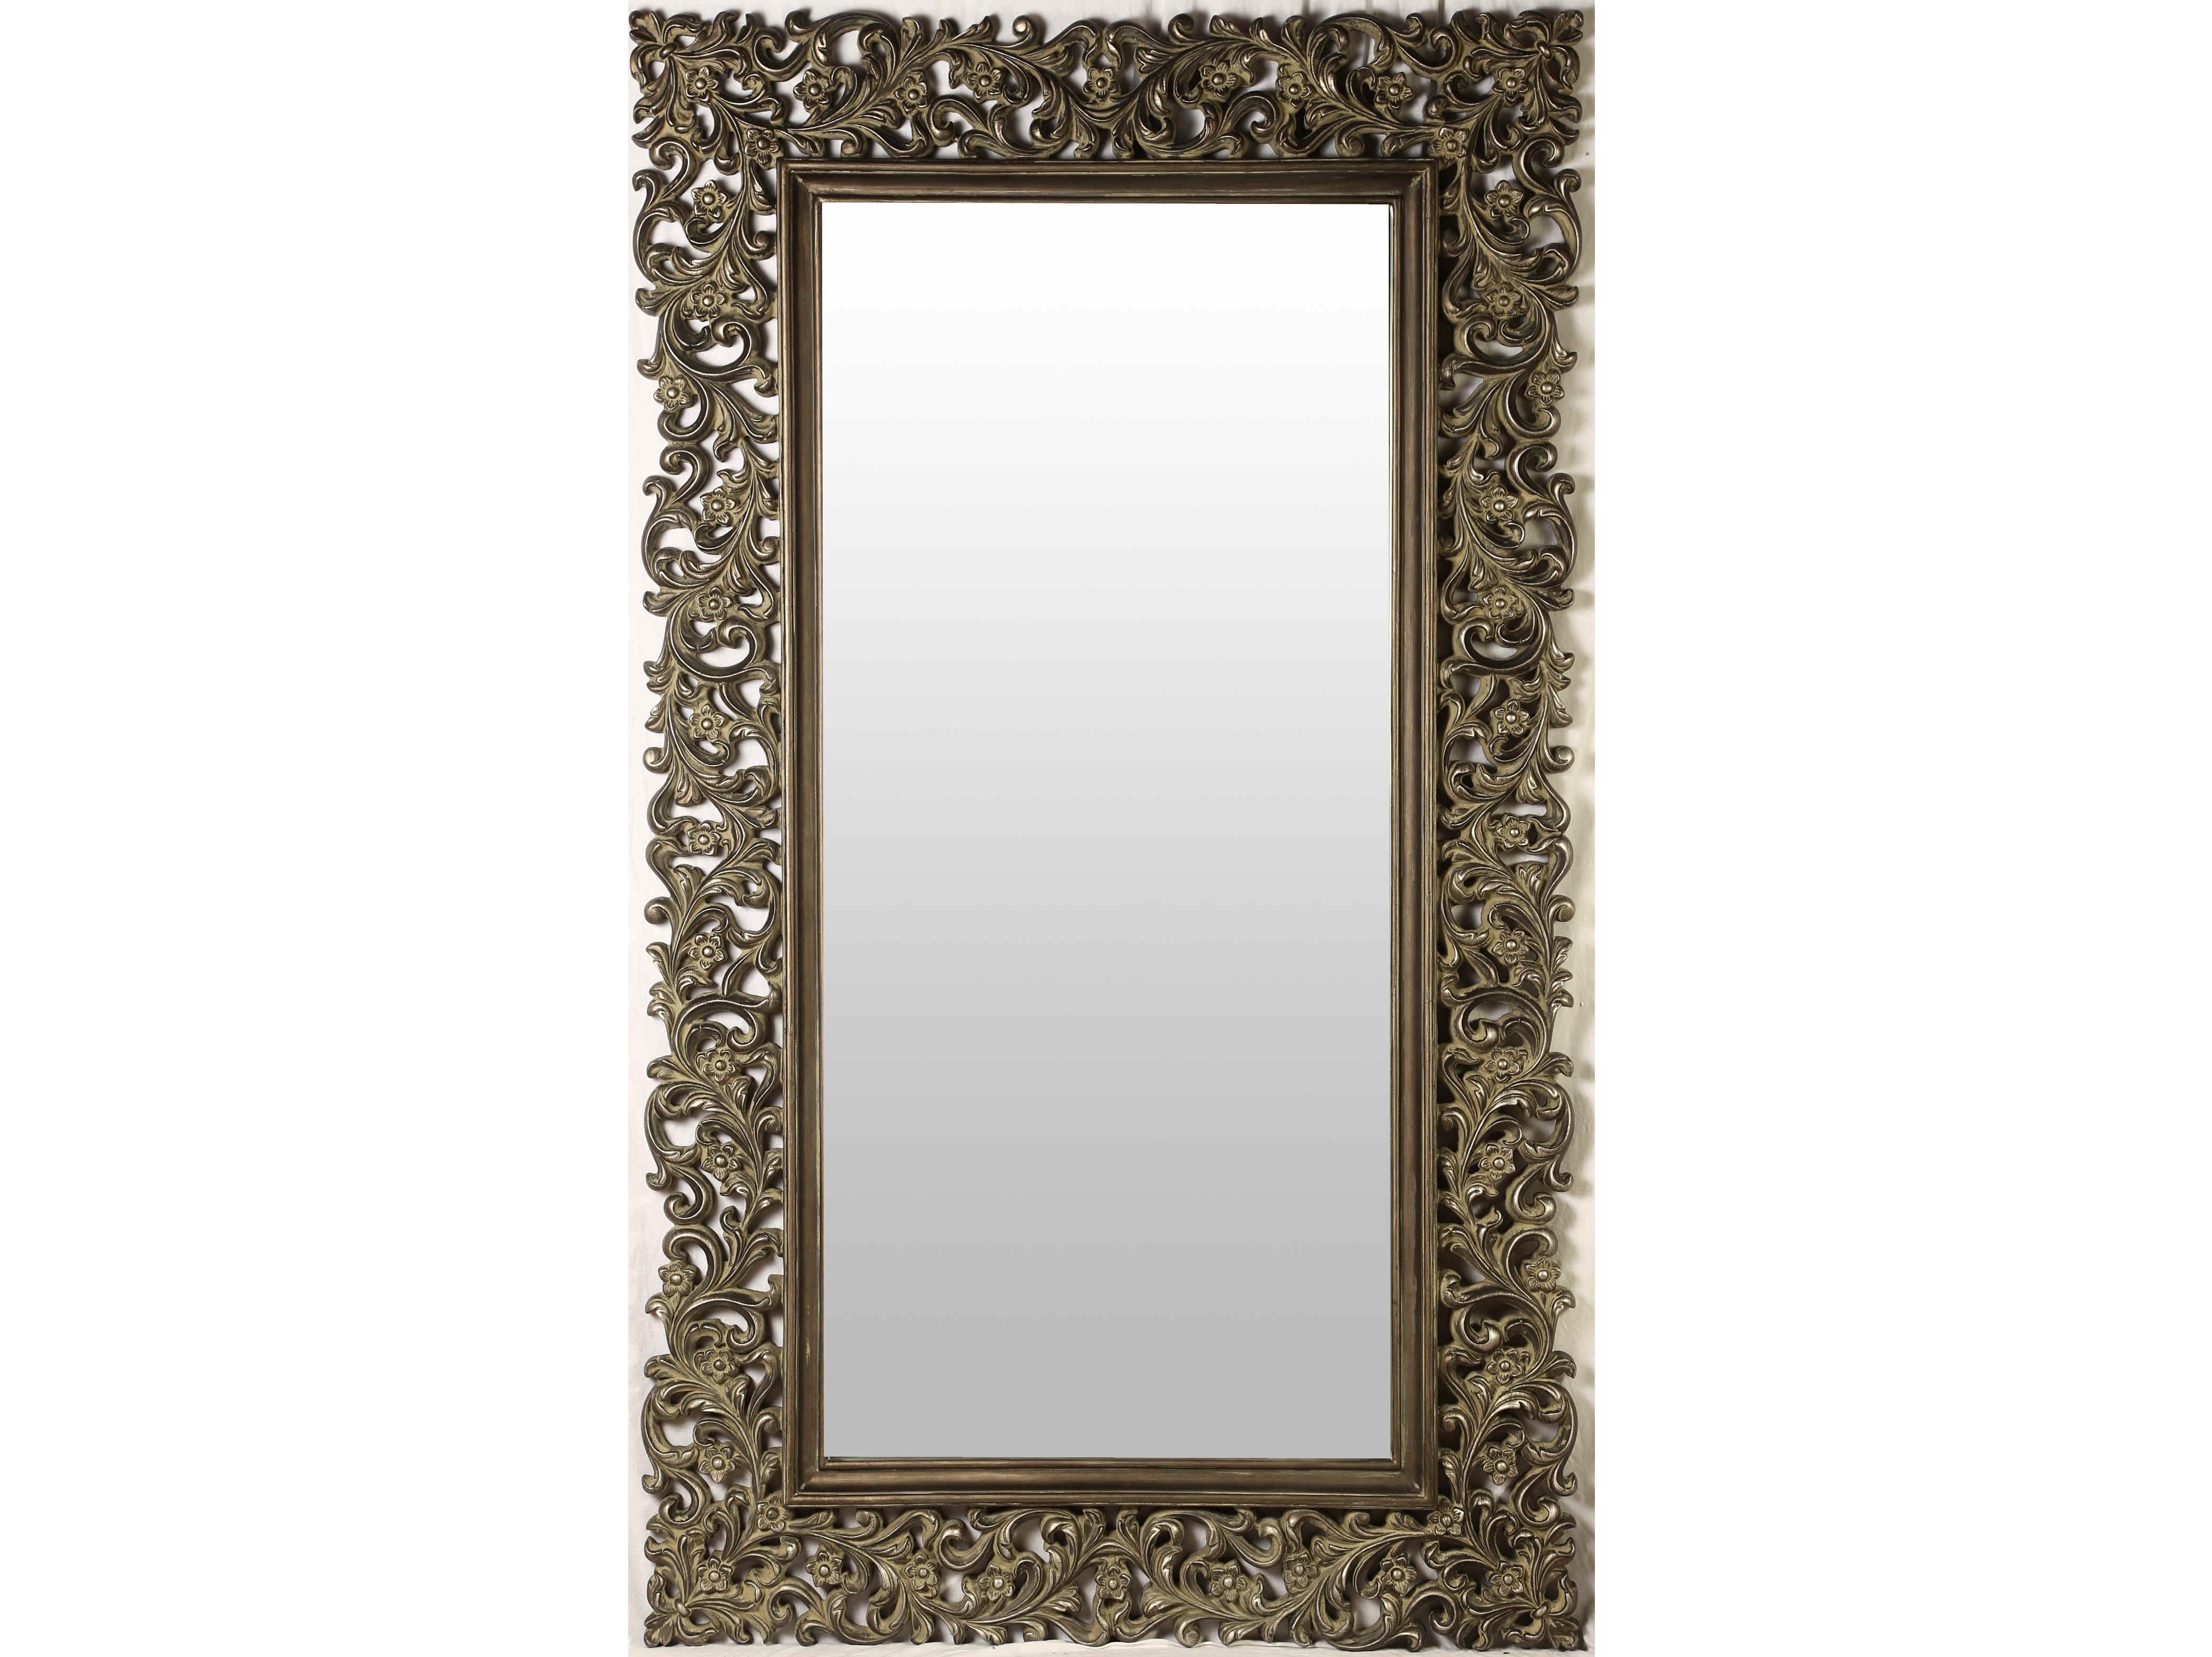 Зеркало напольноеНапольные зеркала<br><br><br>Material: Полистоун<br>Width см: 131<br>Depth см: 5<br>Height см: 226